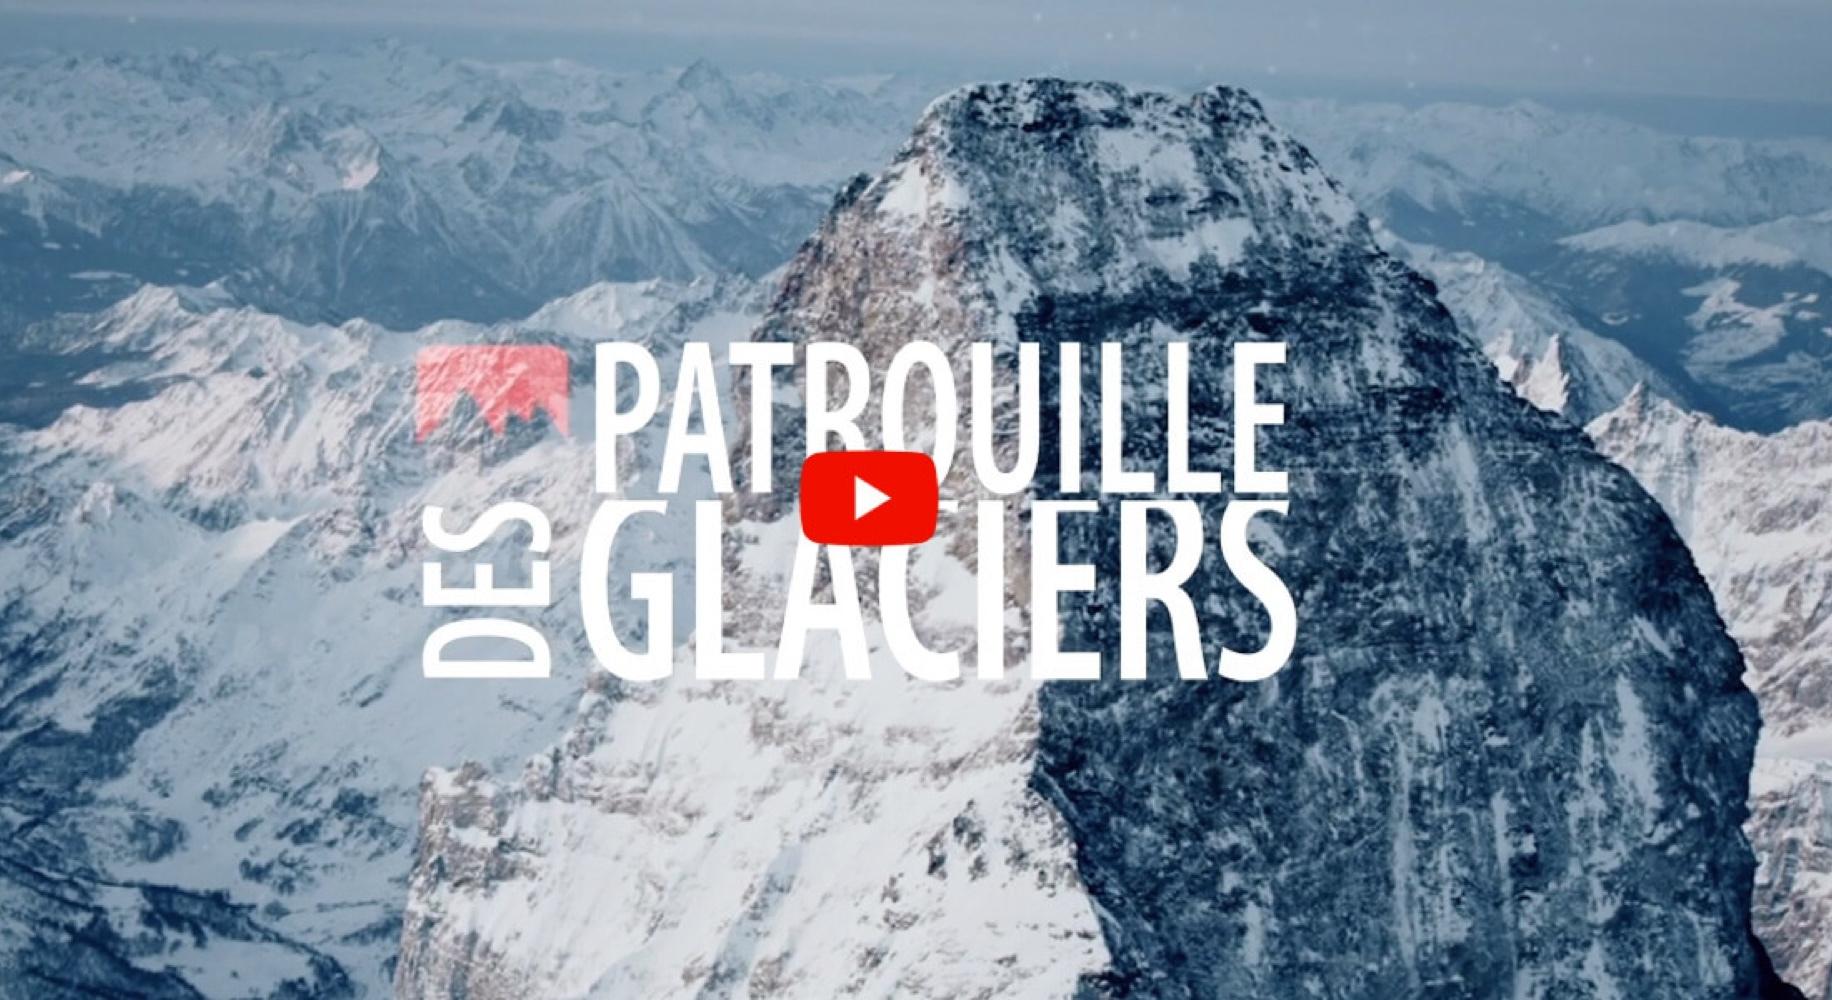 Media: PDG/video-patrouille-des-glaciers-2022.jpg